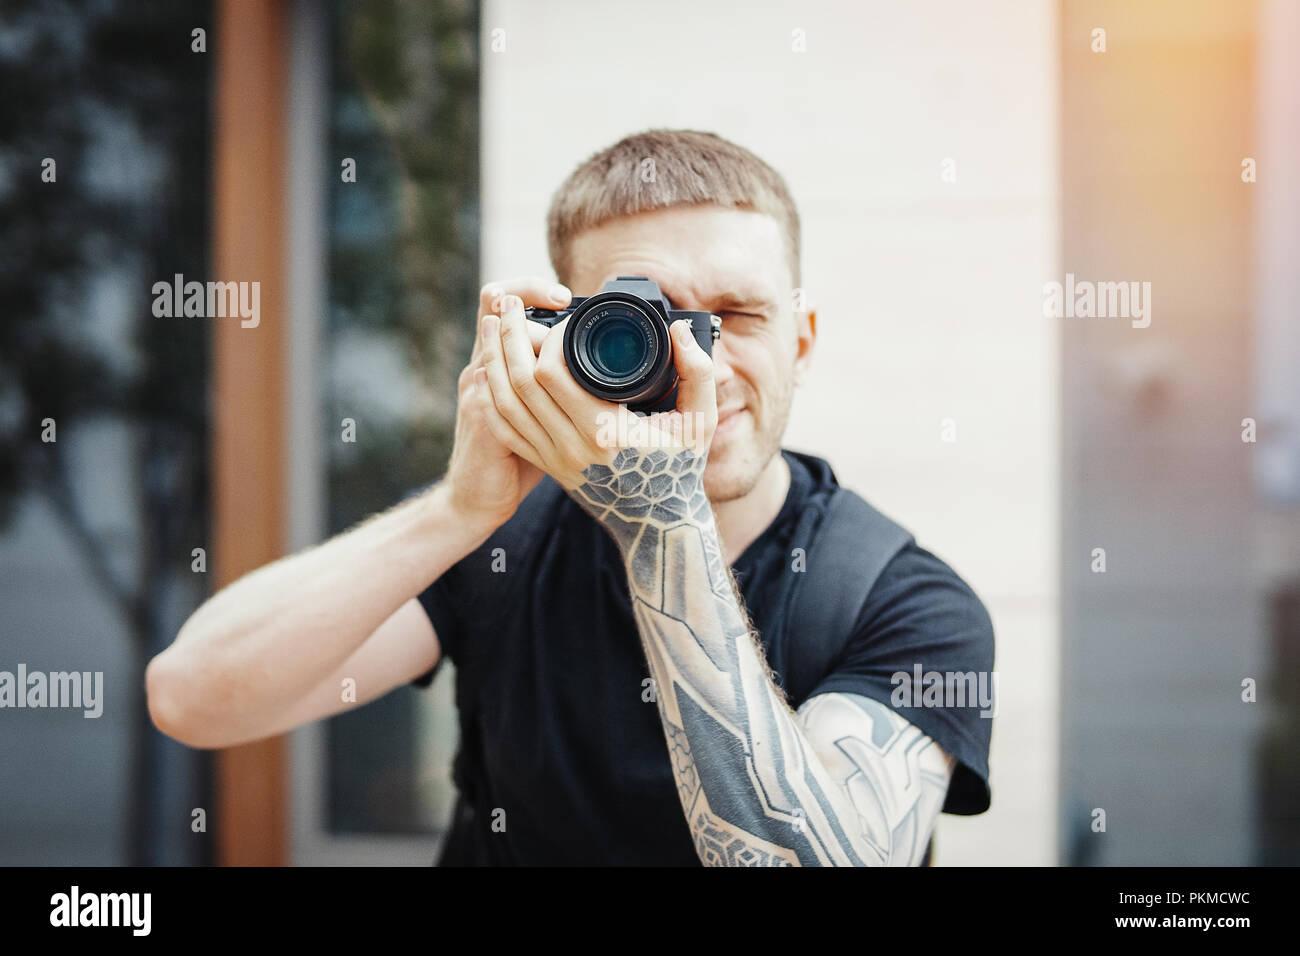 In der Nähe von attraktiven Mann Fotos im Stadtbild Hintergrund Stockbild